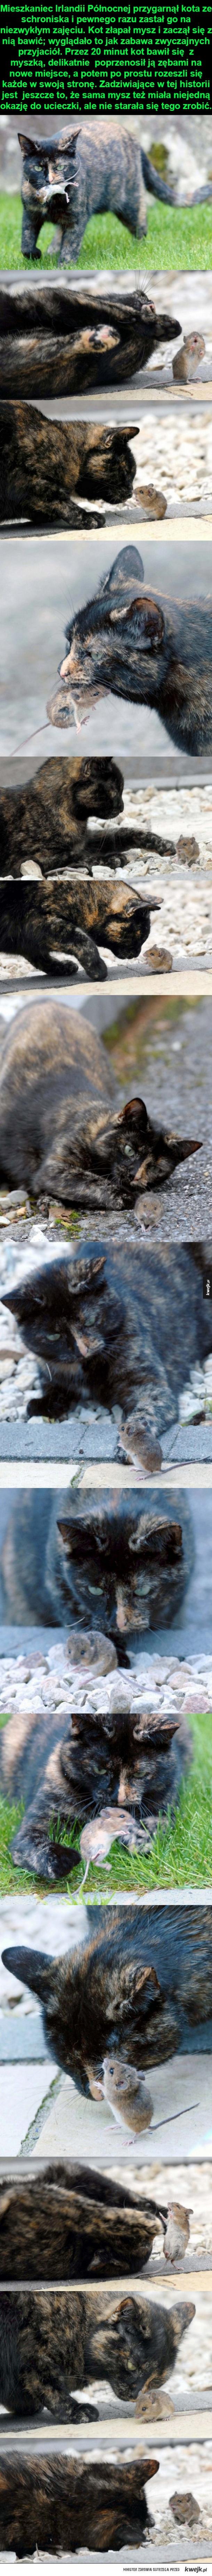 Kot pobawił się z myszką i ją wypuścił